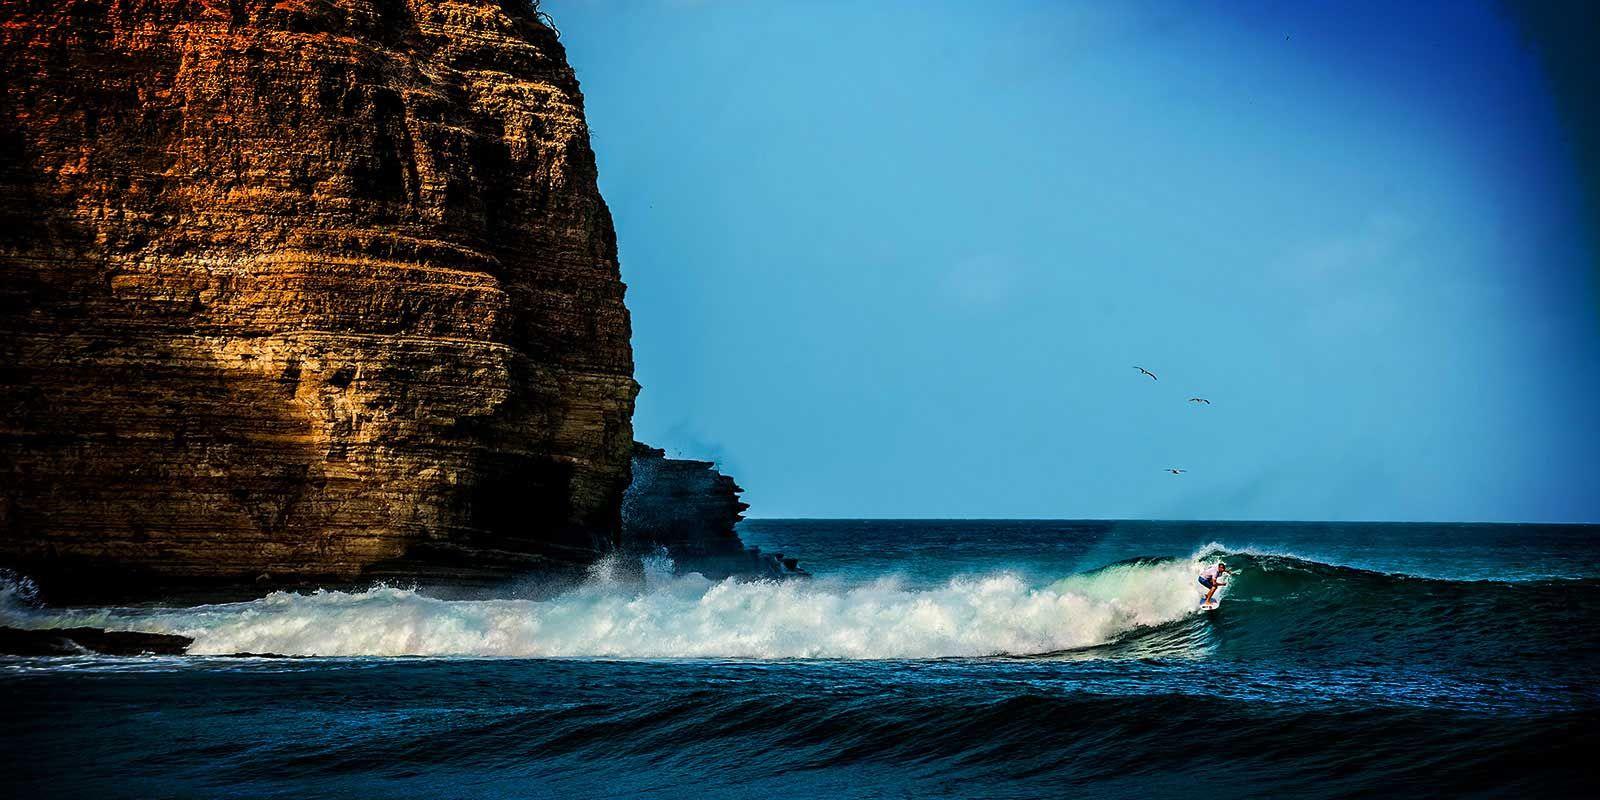 surf1_header-3cde3ae632.jpg